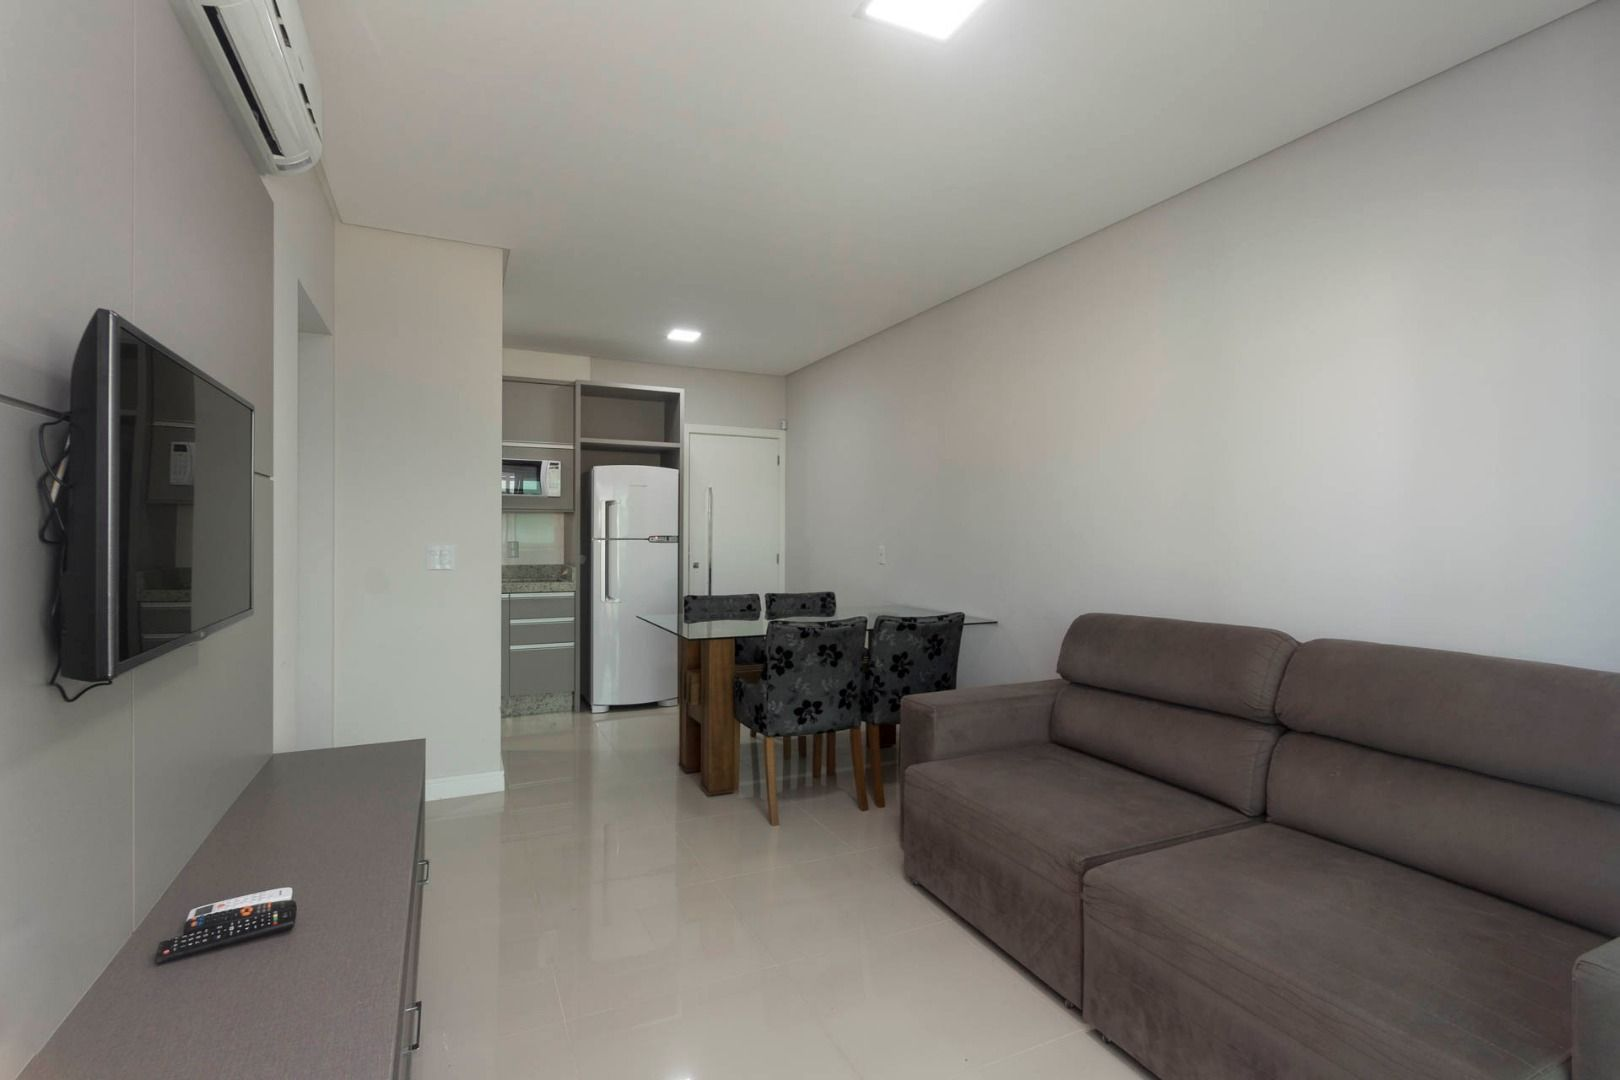 Apartamento com 2 Dormitórios à venda, 66 m² por R$ 850.000,00